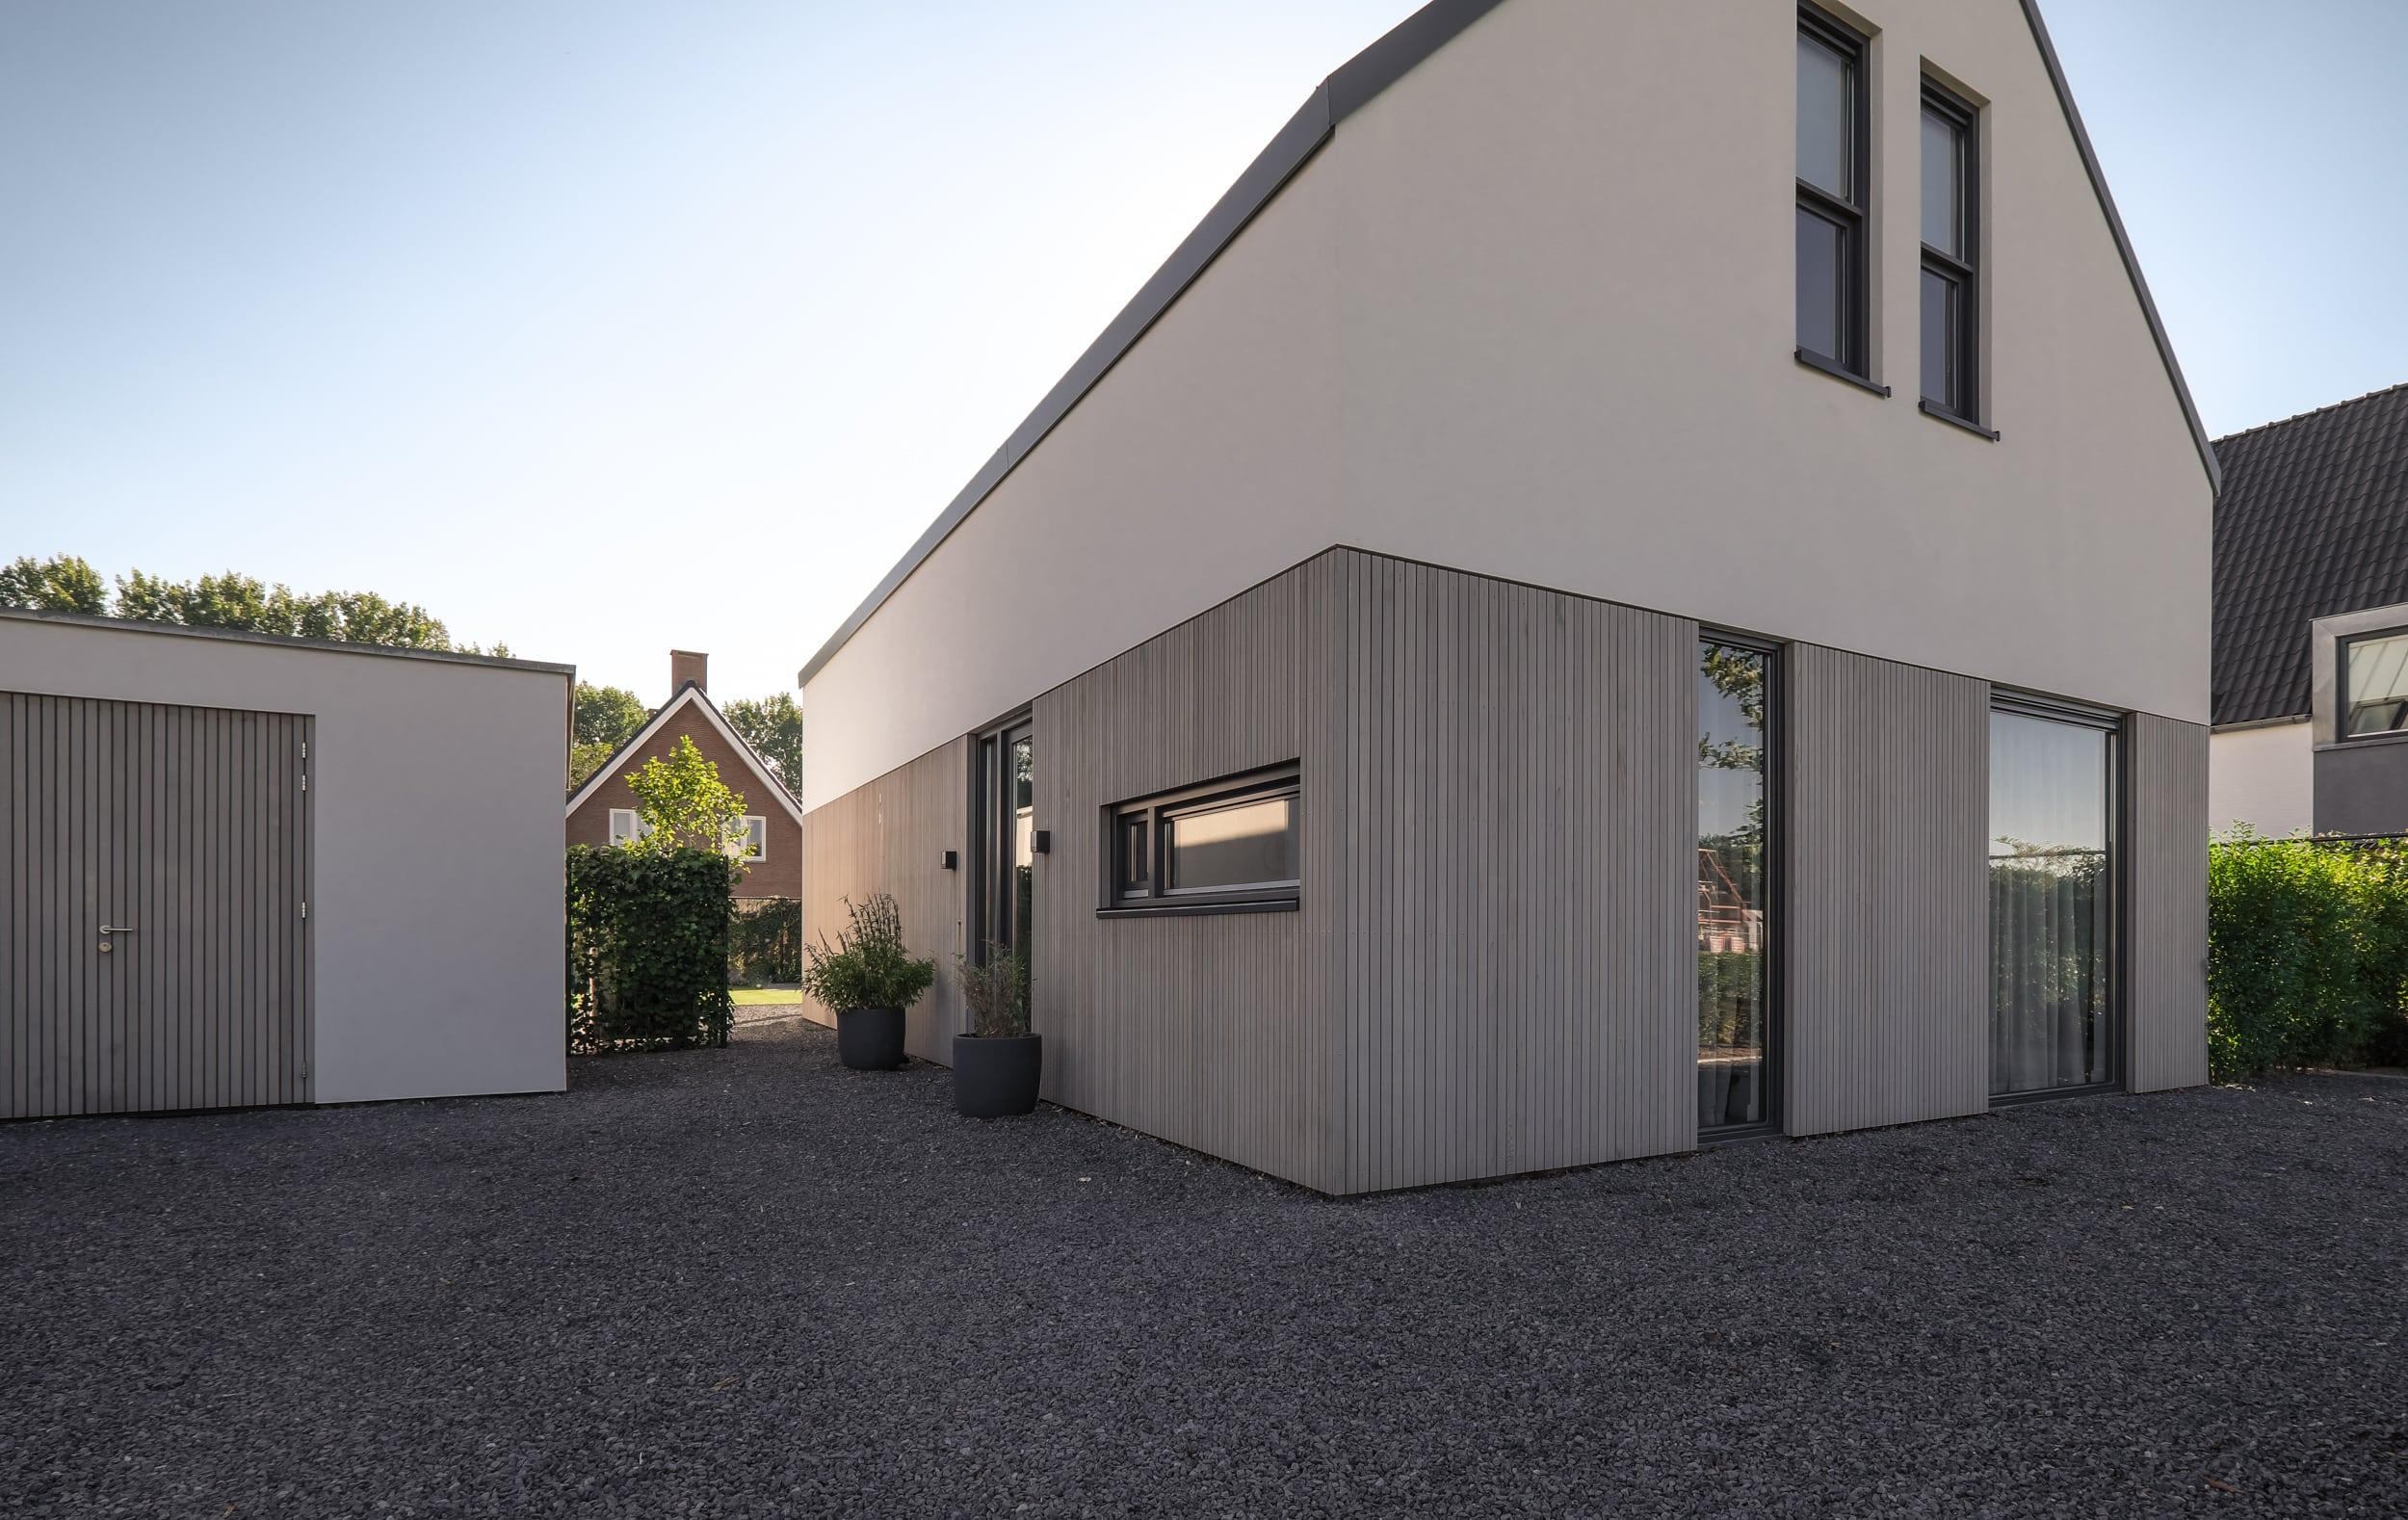 van-os-architecten-nieuwbouw-woning-Hoge-Gouw-Teteringen-voorgevel-in-stucwerk-en-houten-gevelbekleding